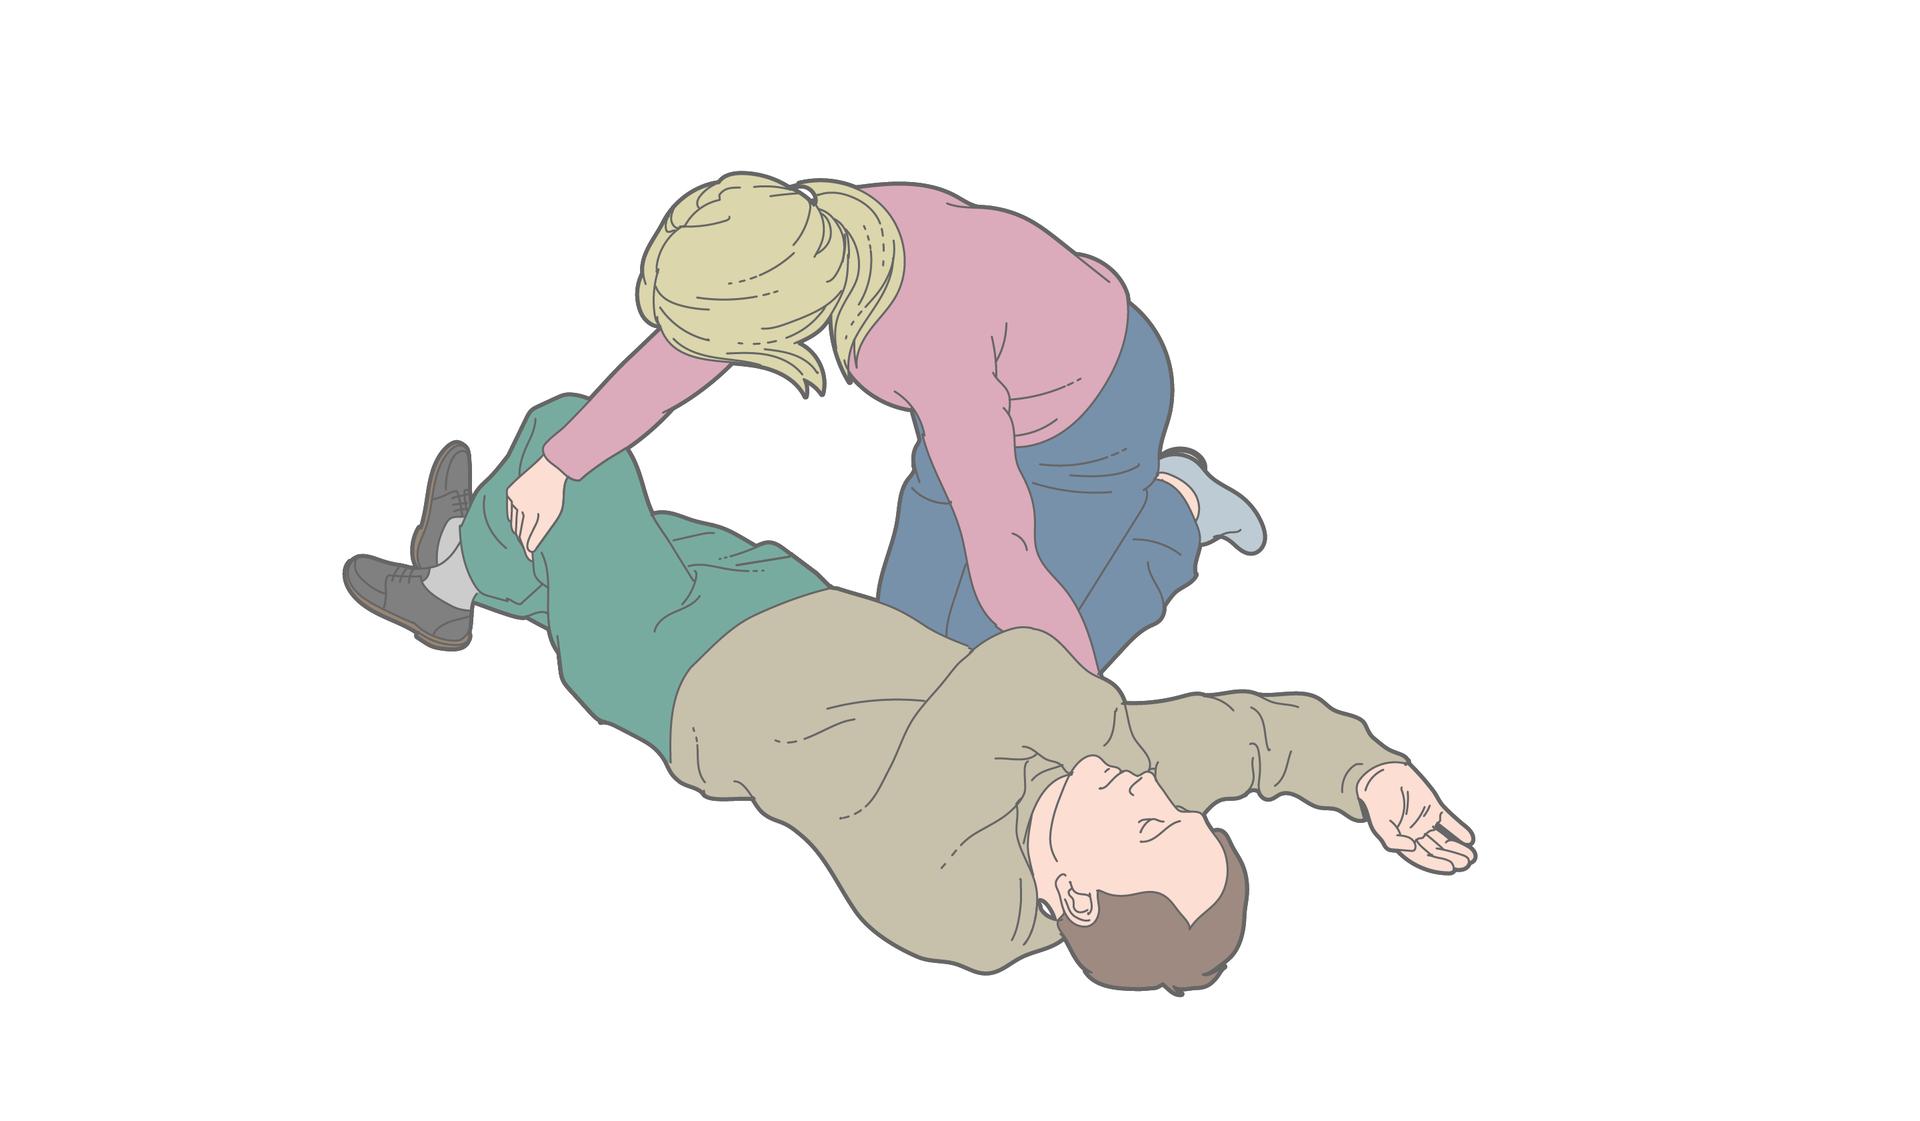 Poszkodowany mężczyzna leży nadal na plecach. Prawa ręka zgięta włokciu pod kątem prostym. Dłoń skierowana do góry. Lewa ręka ułożona wpoprzek klatki piersiowej. Lewa dłoń umieszczona pod prawym policzkiem poszkodowanego. Kobieta podciąga lewą nogę poszkodowanego wgórę tak aby nastąpiło zgięcie wkolanie. Stopa lewej nogi nadal na podłożu. Prawa noga wyprostowana na podłożu.